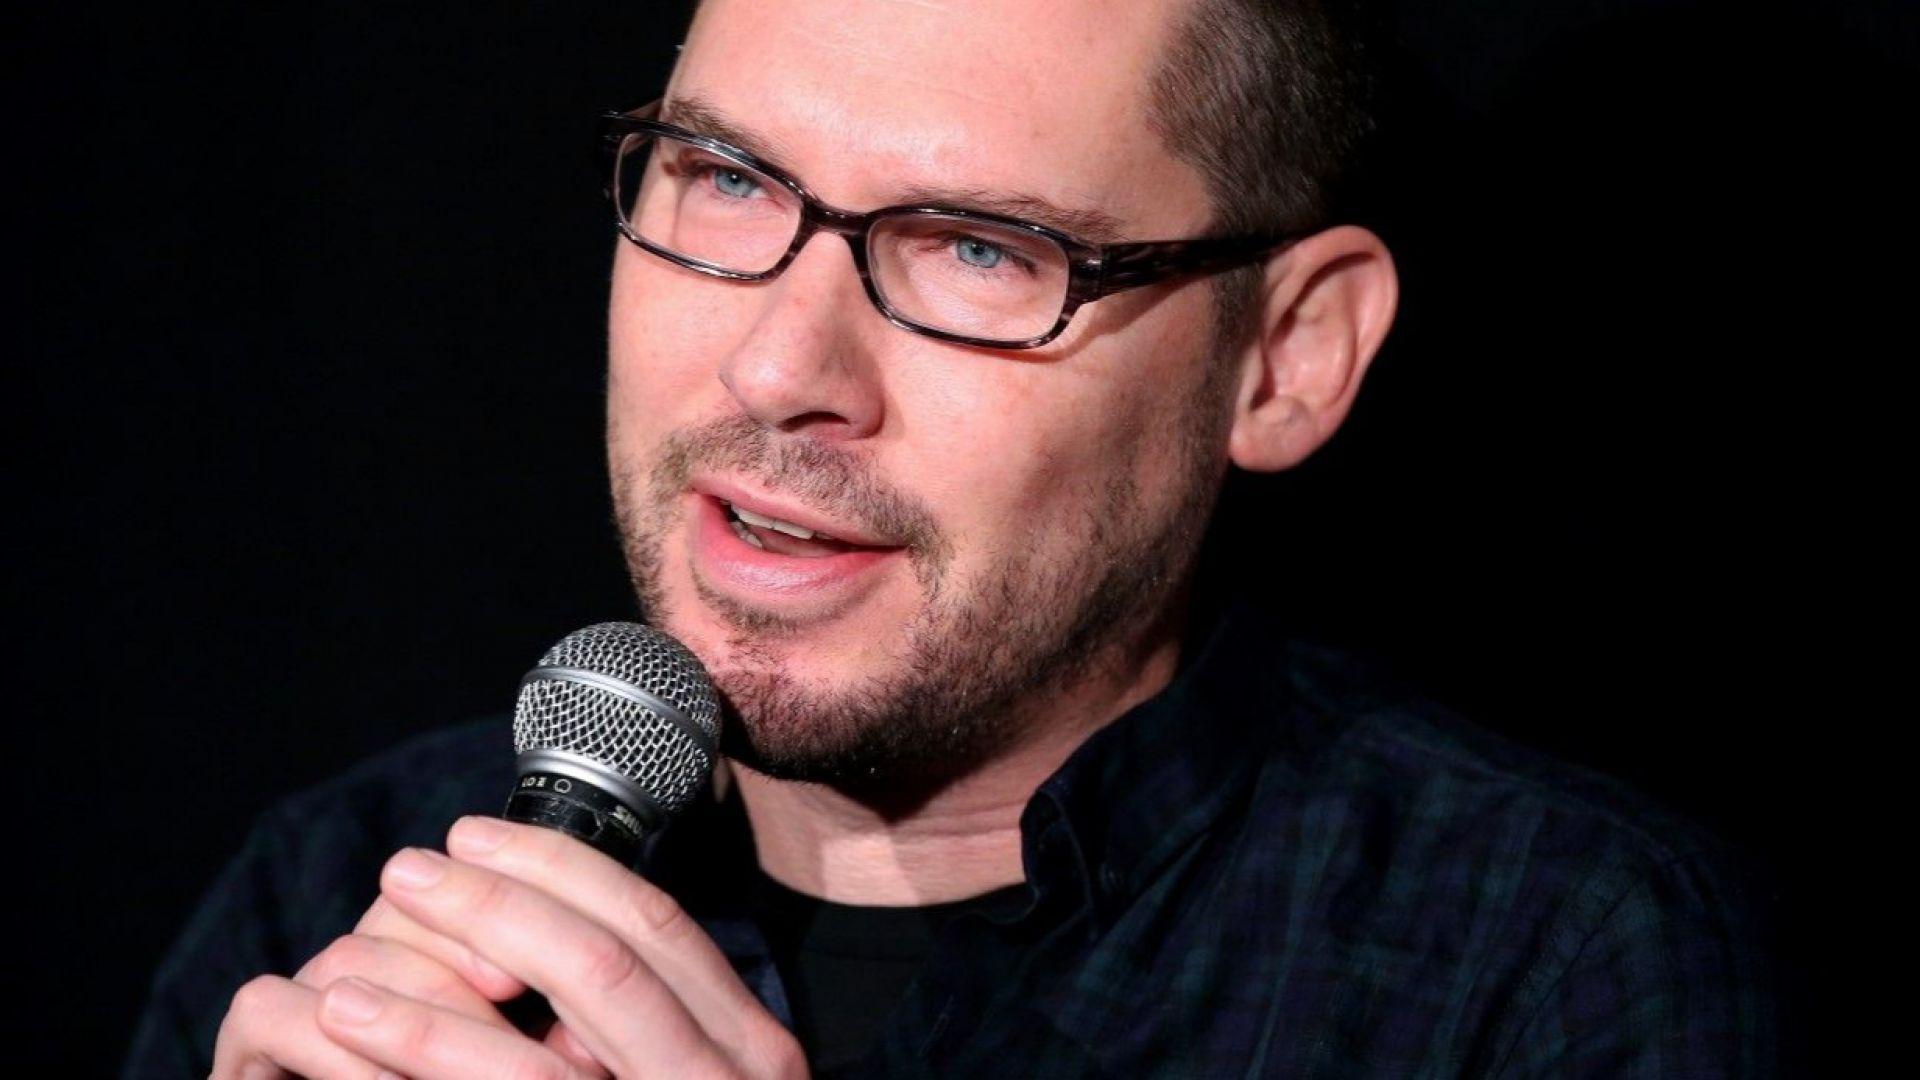 """Режисьорът на """"Бохемска рапсодия"""" обвинен в сексуално насилие над малолетни"""